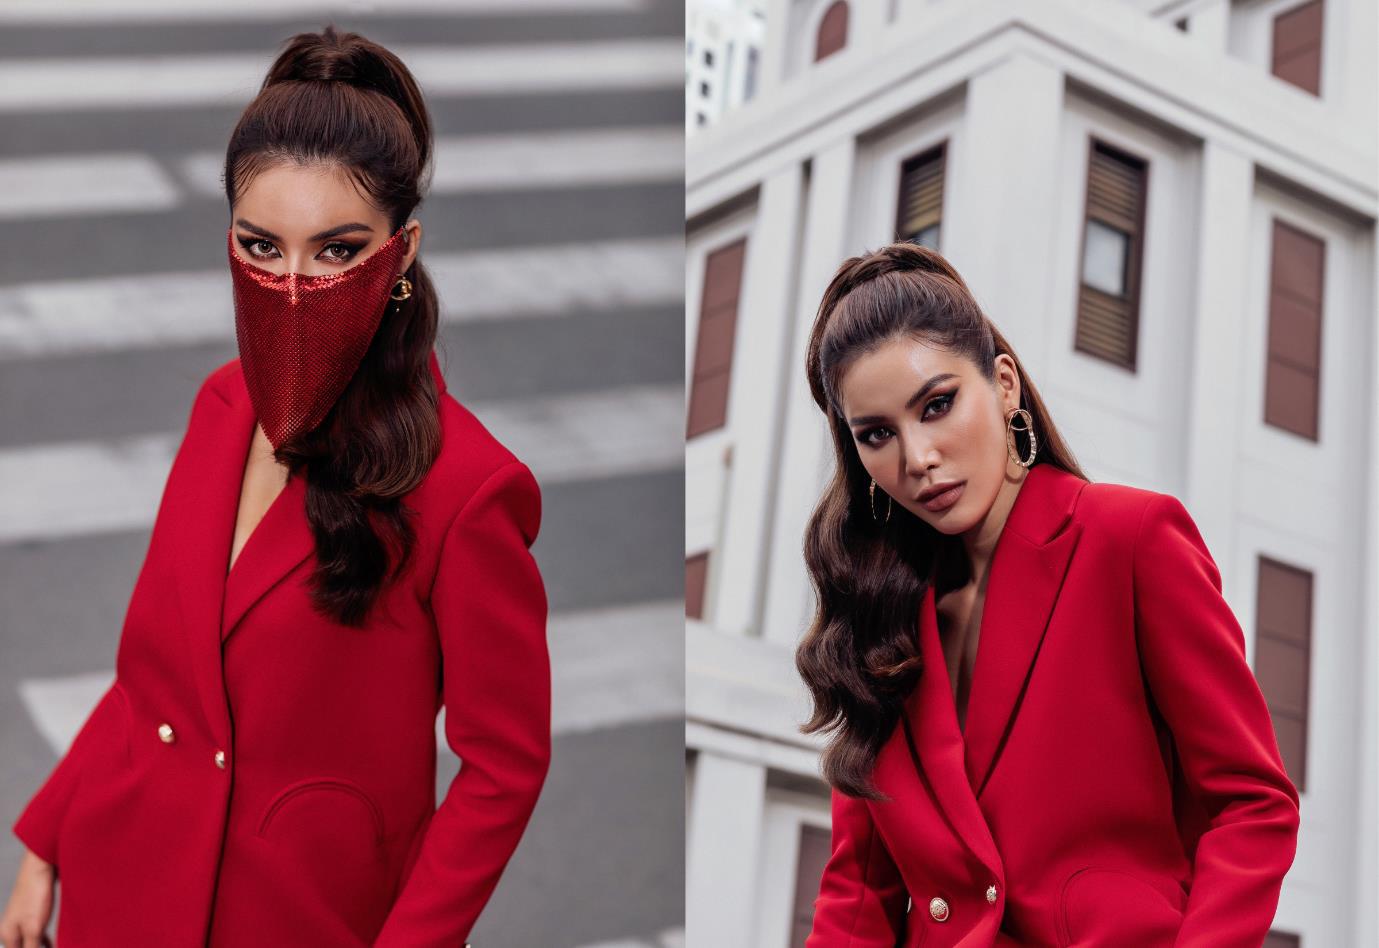 Diện đồ street style vẫn catwalk đầy thần thái, bộ đôi Hà Anh - Minh Tú vừa trở lại đã khuấy đảo làng thời trang Việt - Ảnh 2.